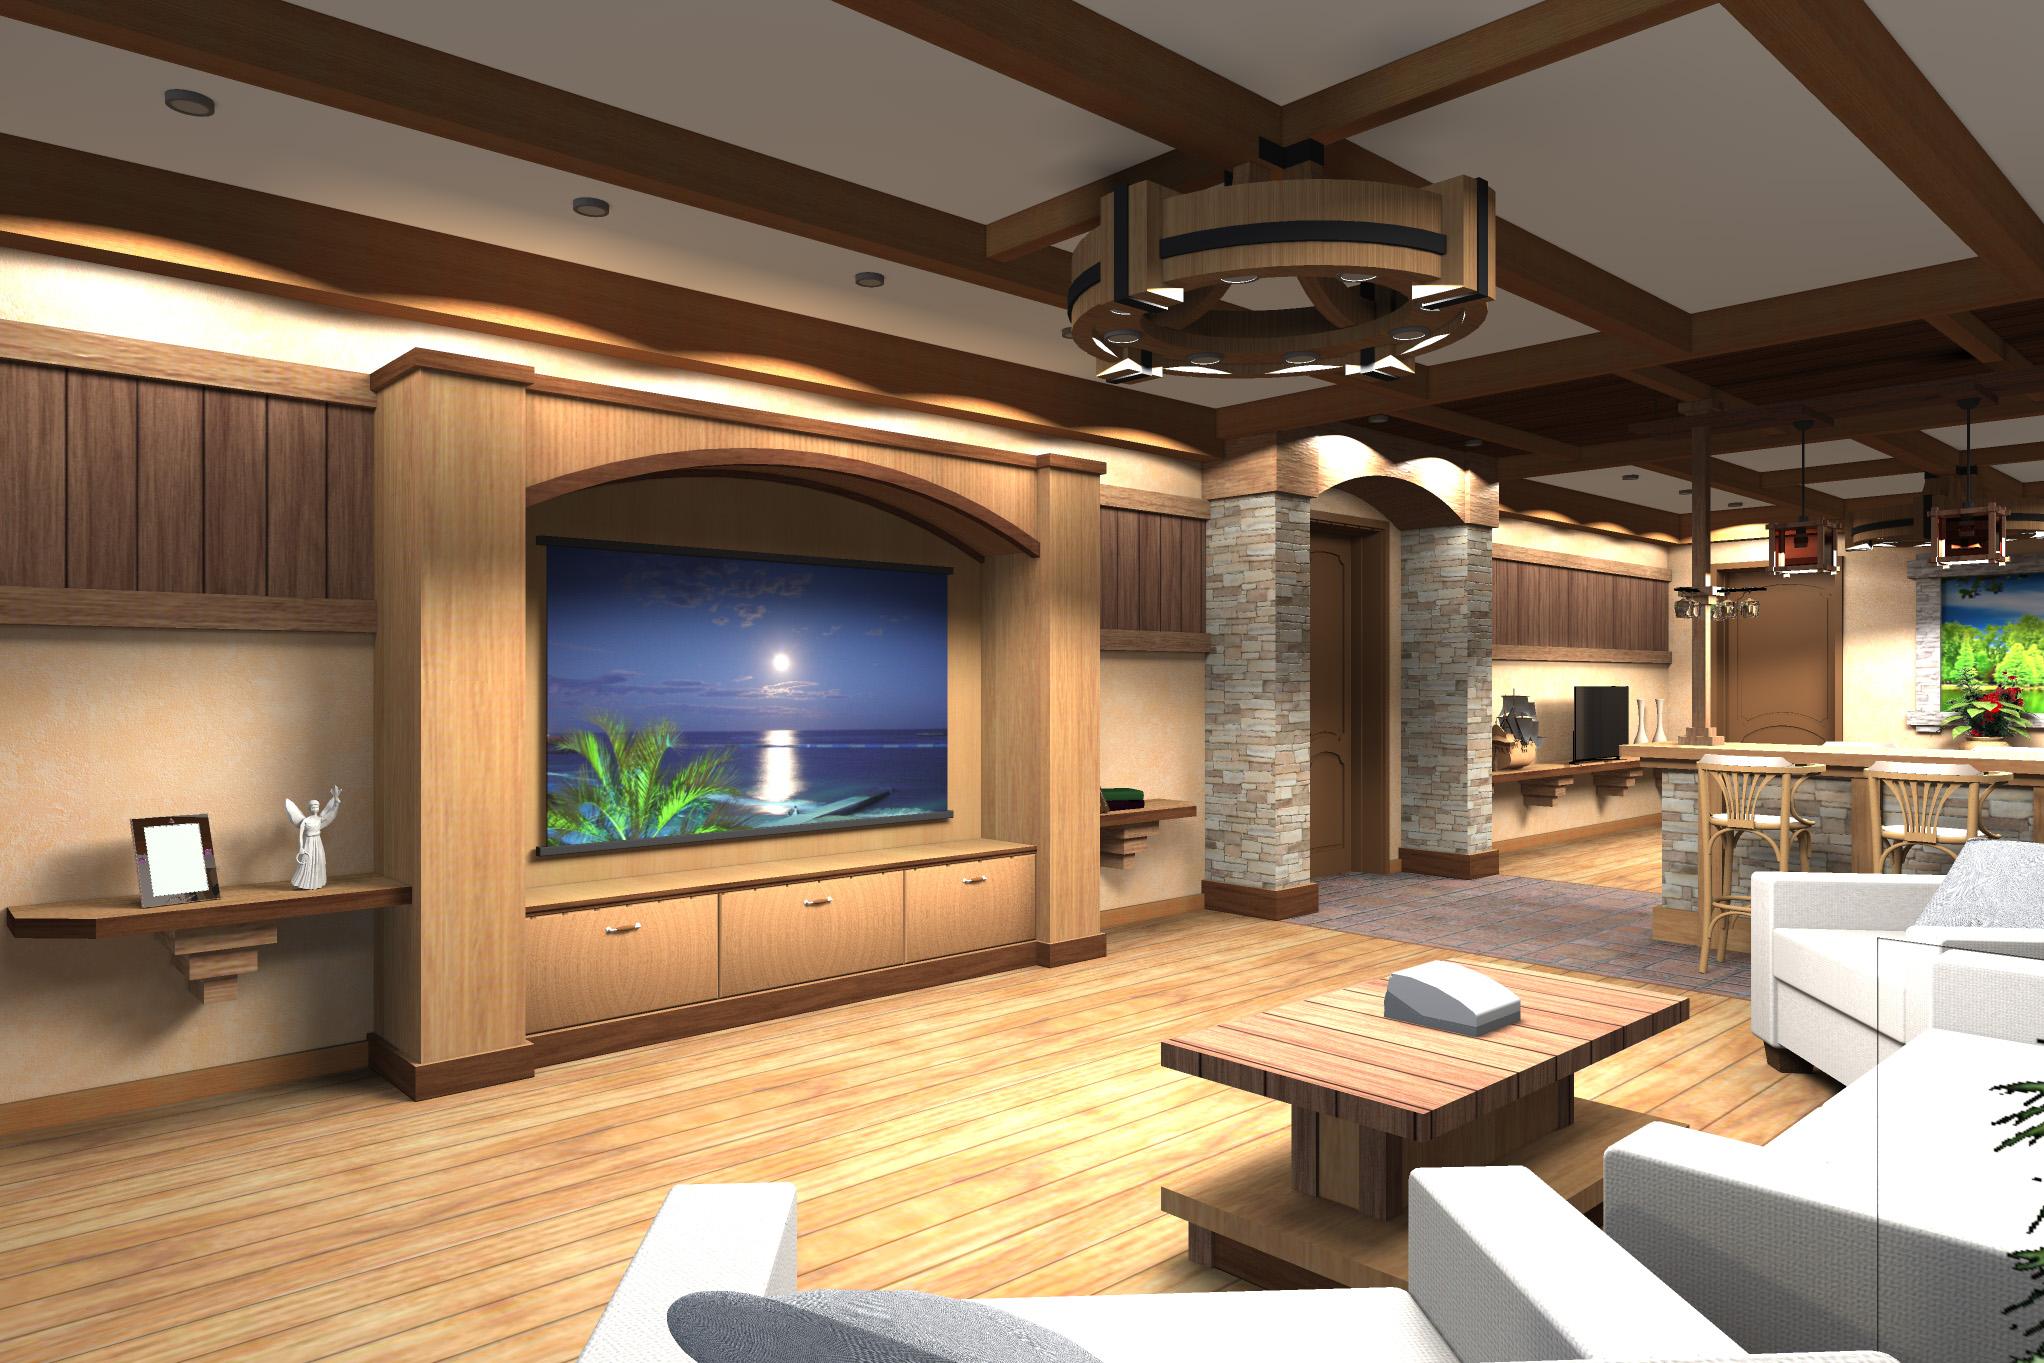 Дизайн комнаты отдыха в цокольном этаже (вариант-2)  - 5